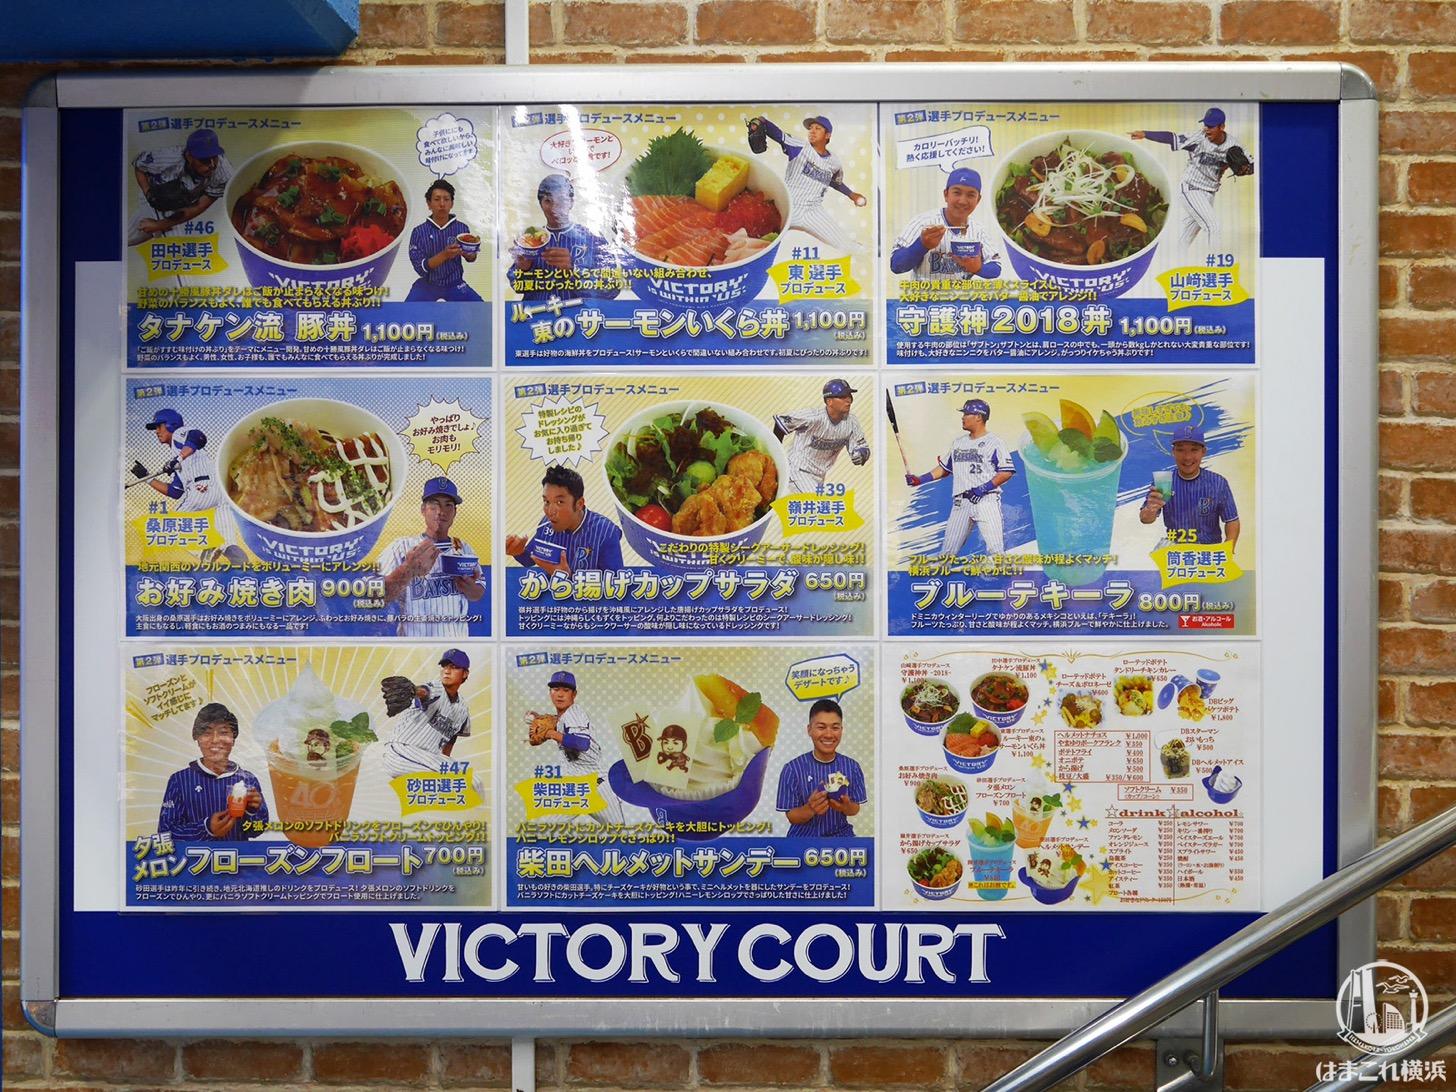 横浜スタジアム内「カフェ・ビクトリーコート」でしか味わえない選手プロデュースメニューは必食!